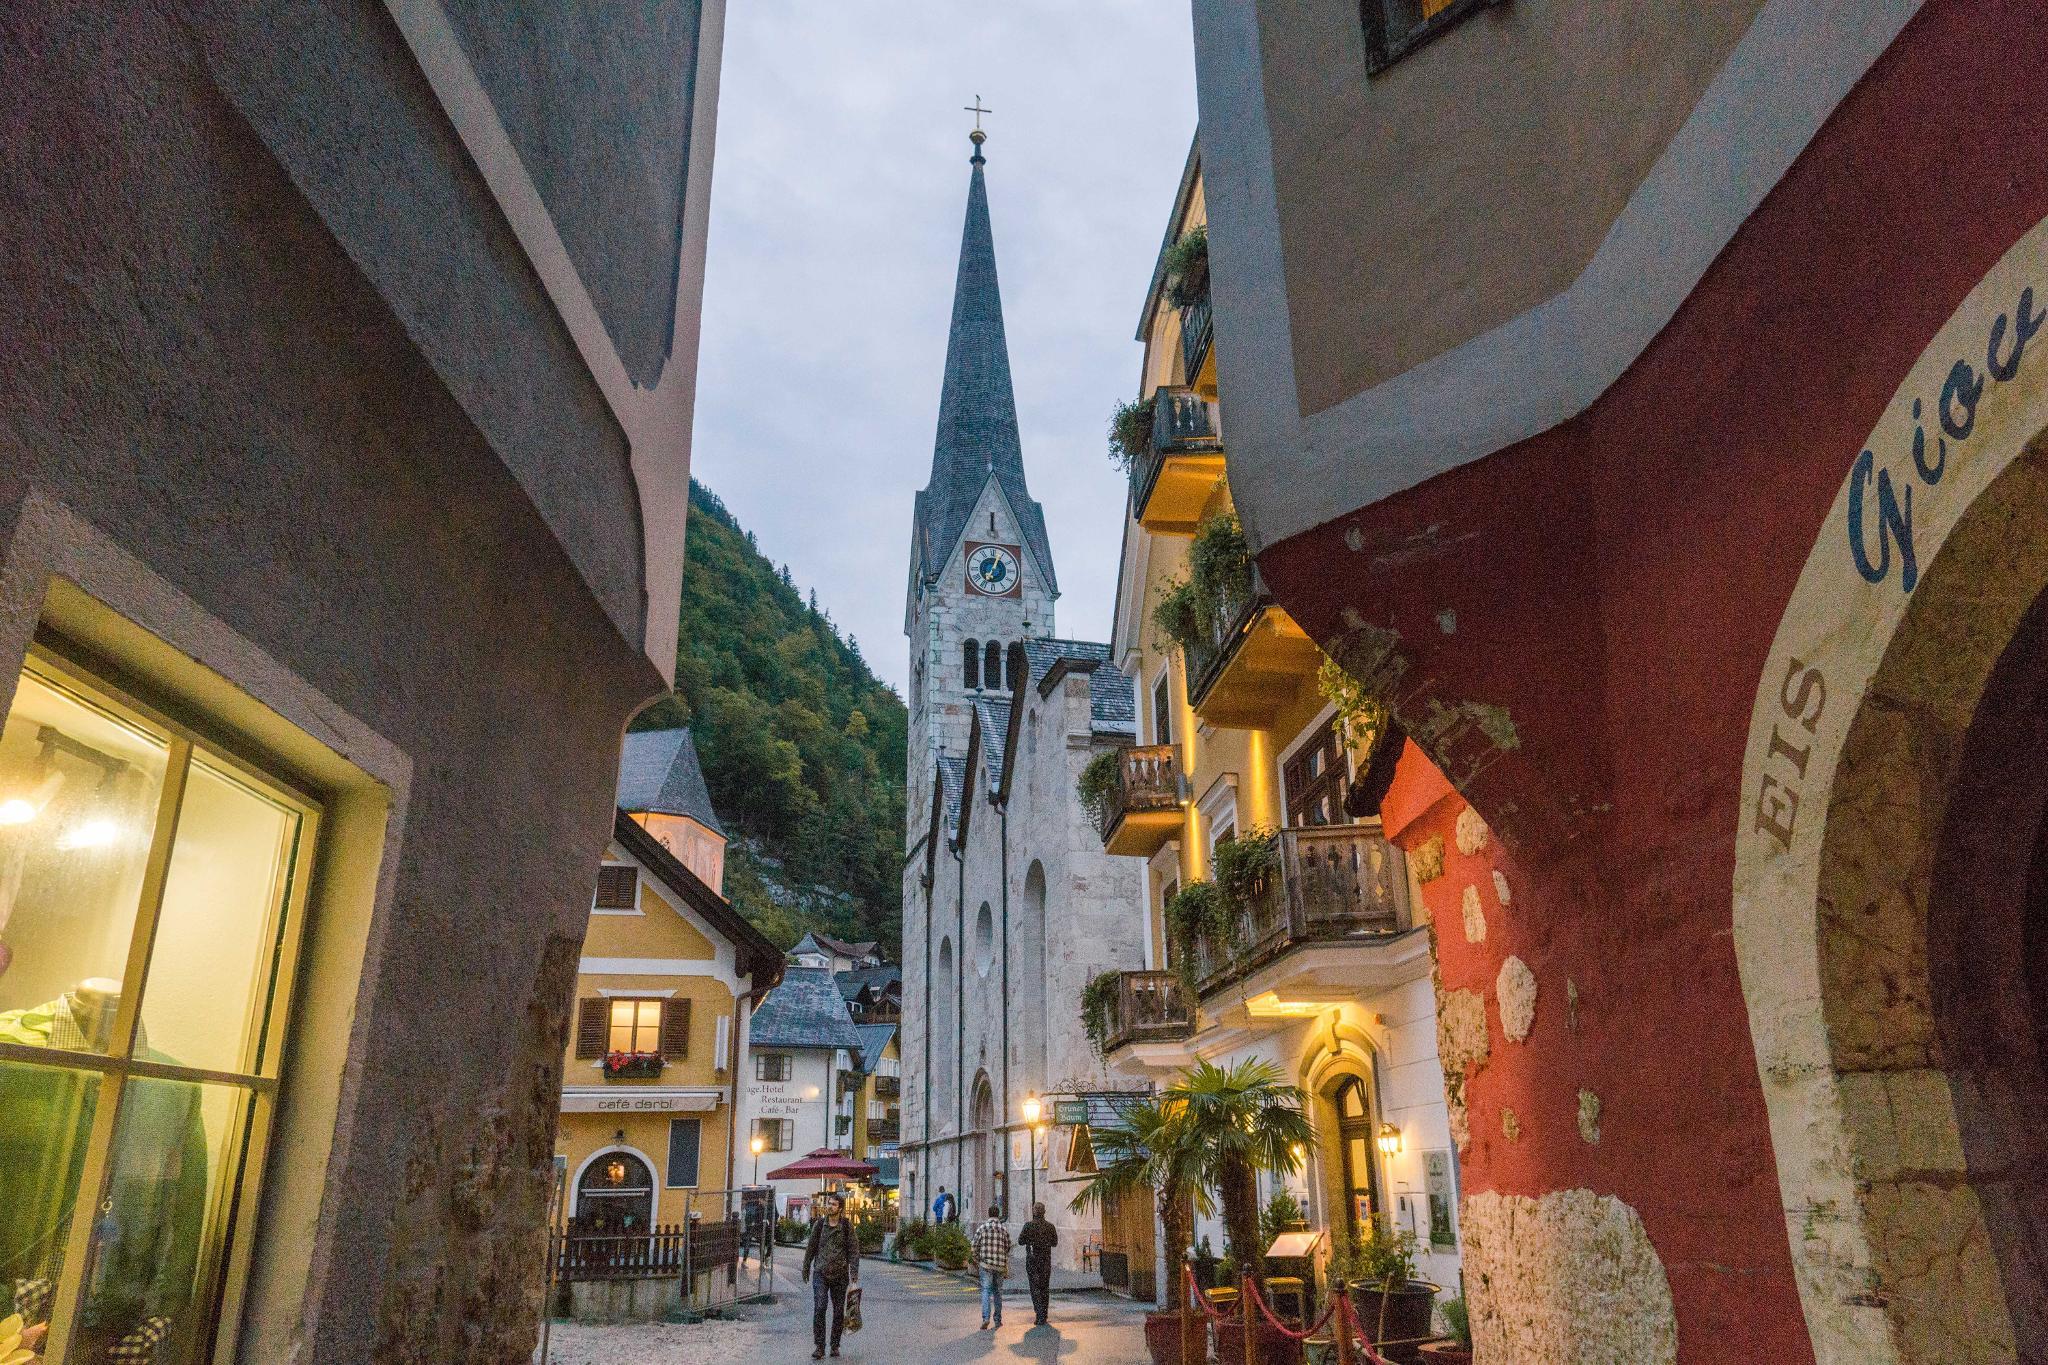 【奧地利】童話仙境 Hallstatt 哈修塔特 — 追逐世界遺產小鎮的夢幻黃金日出 41